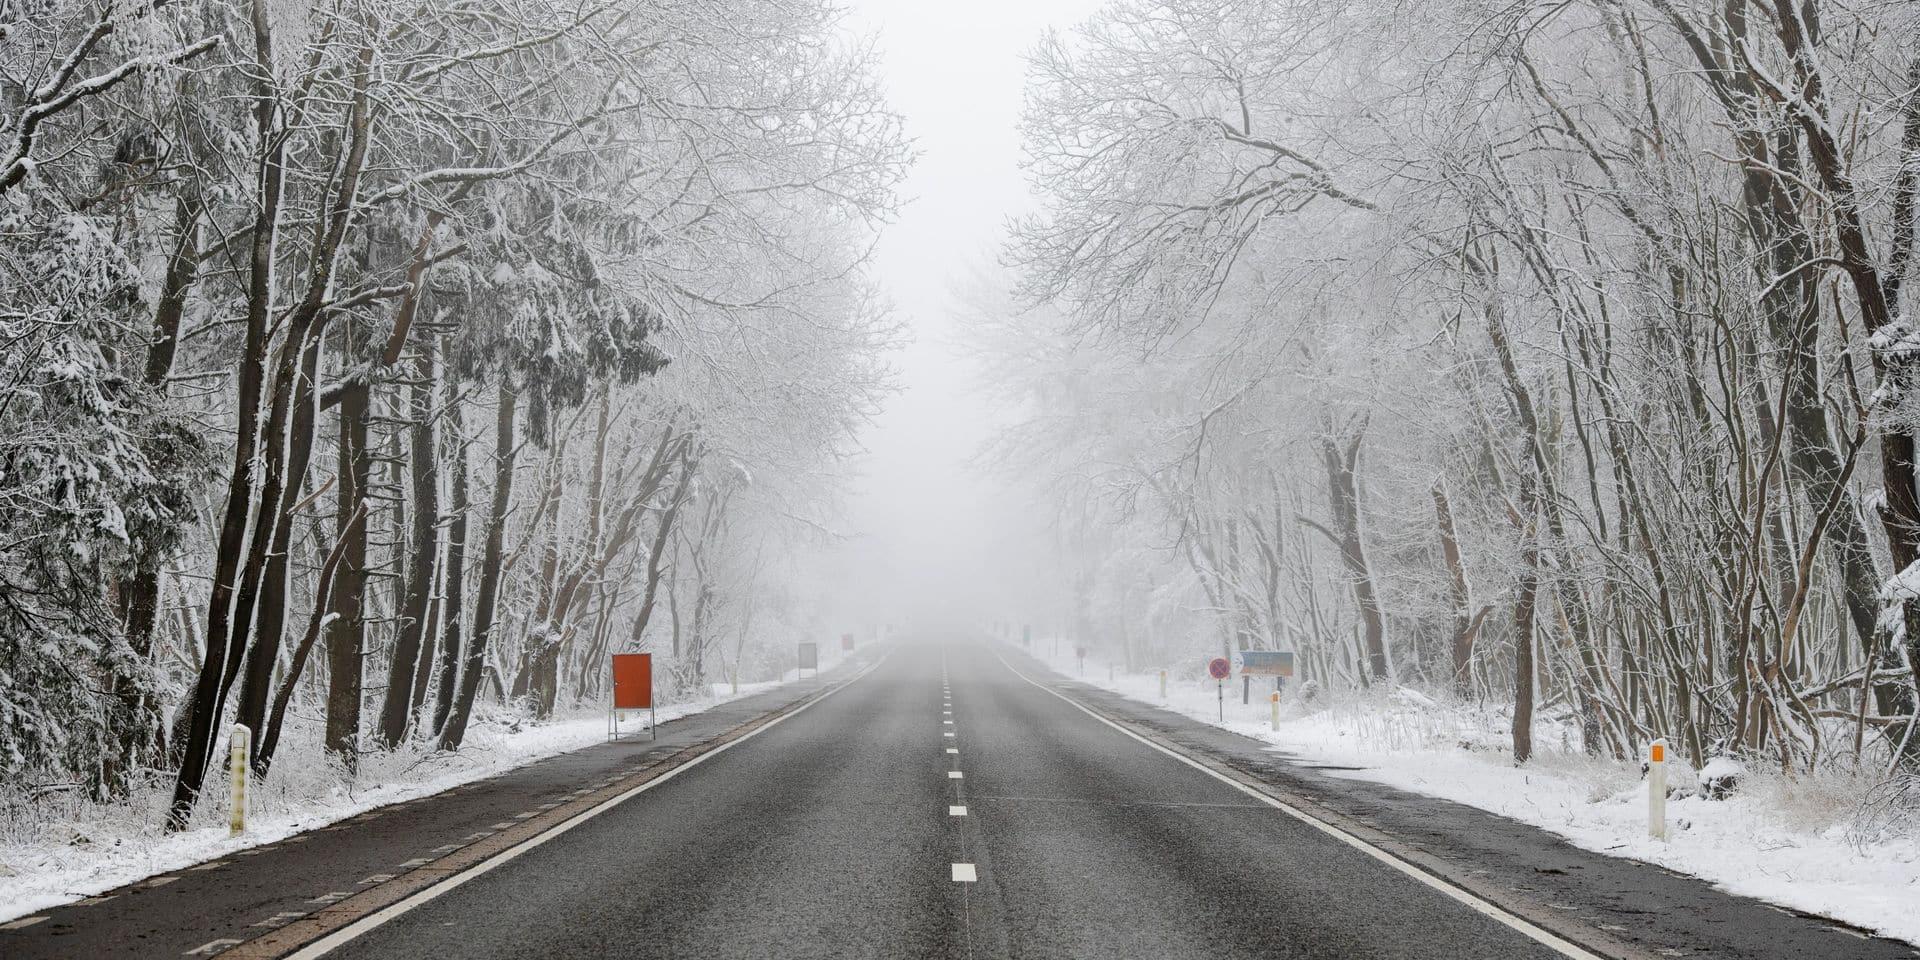 Intempéries : Vigilance renforcée sur les routes wallonnes